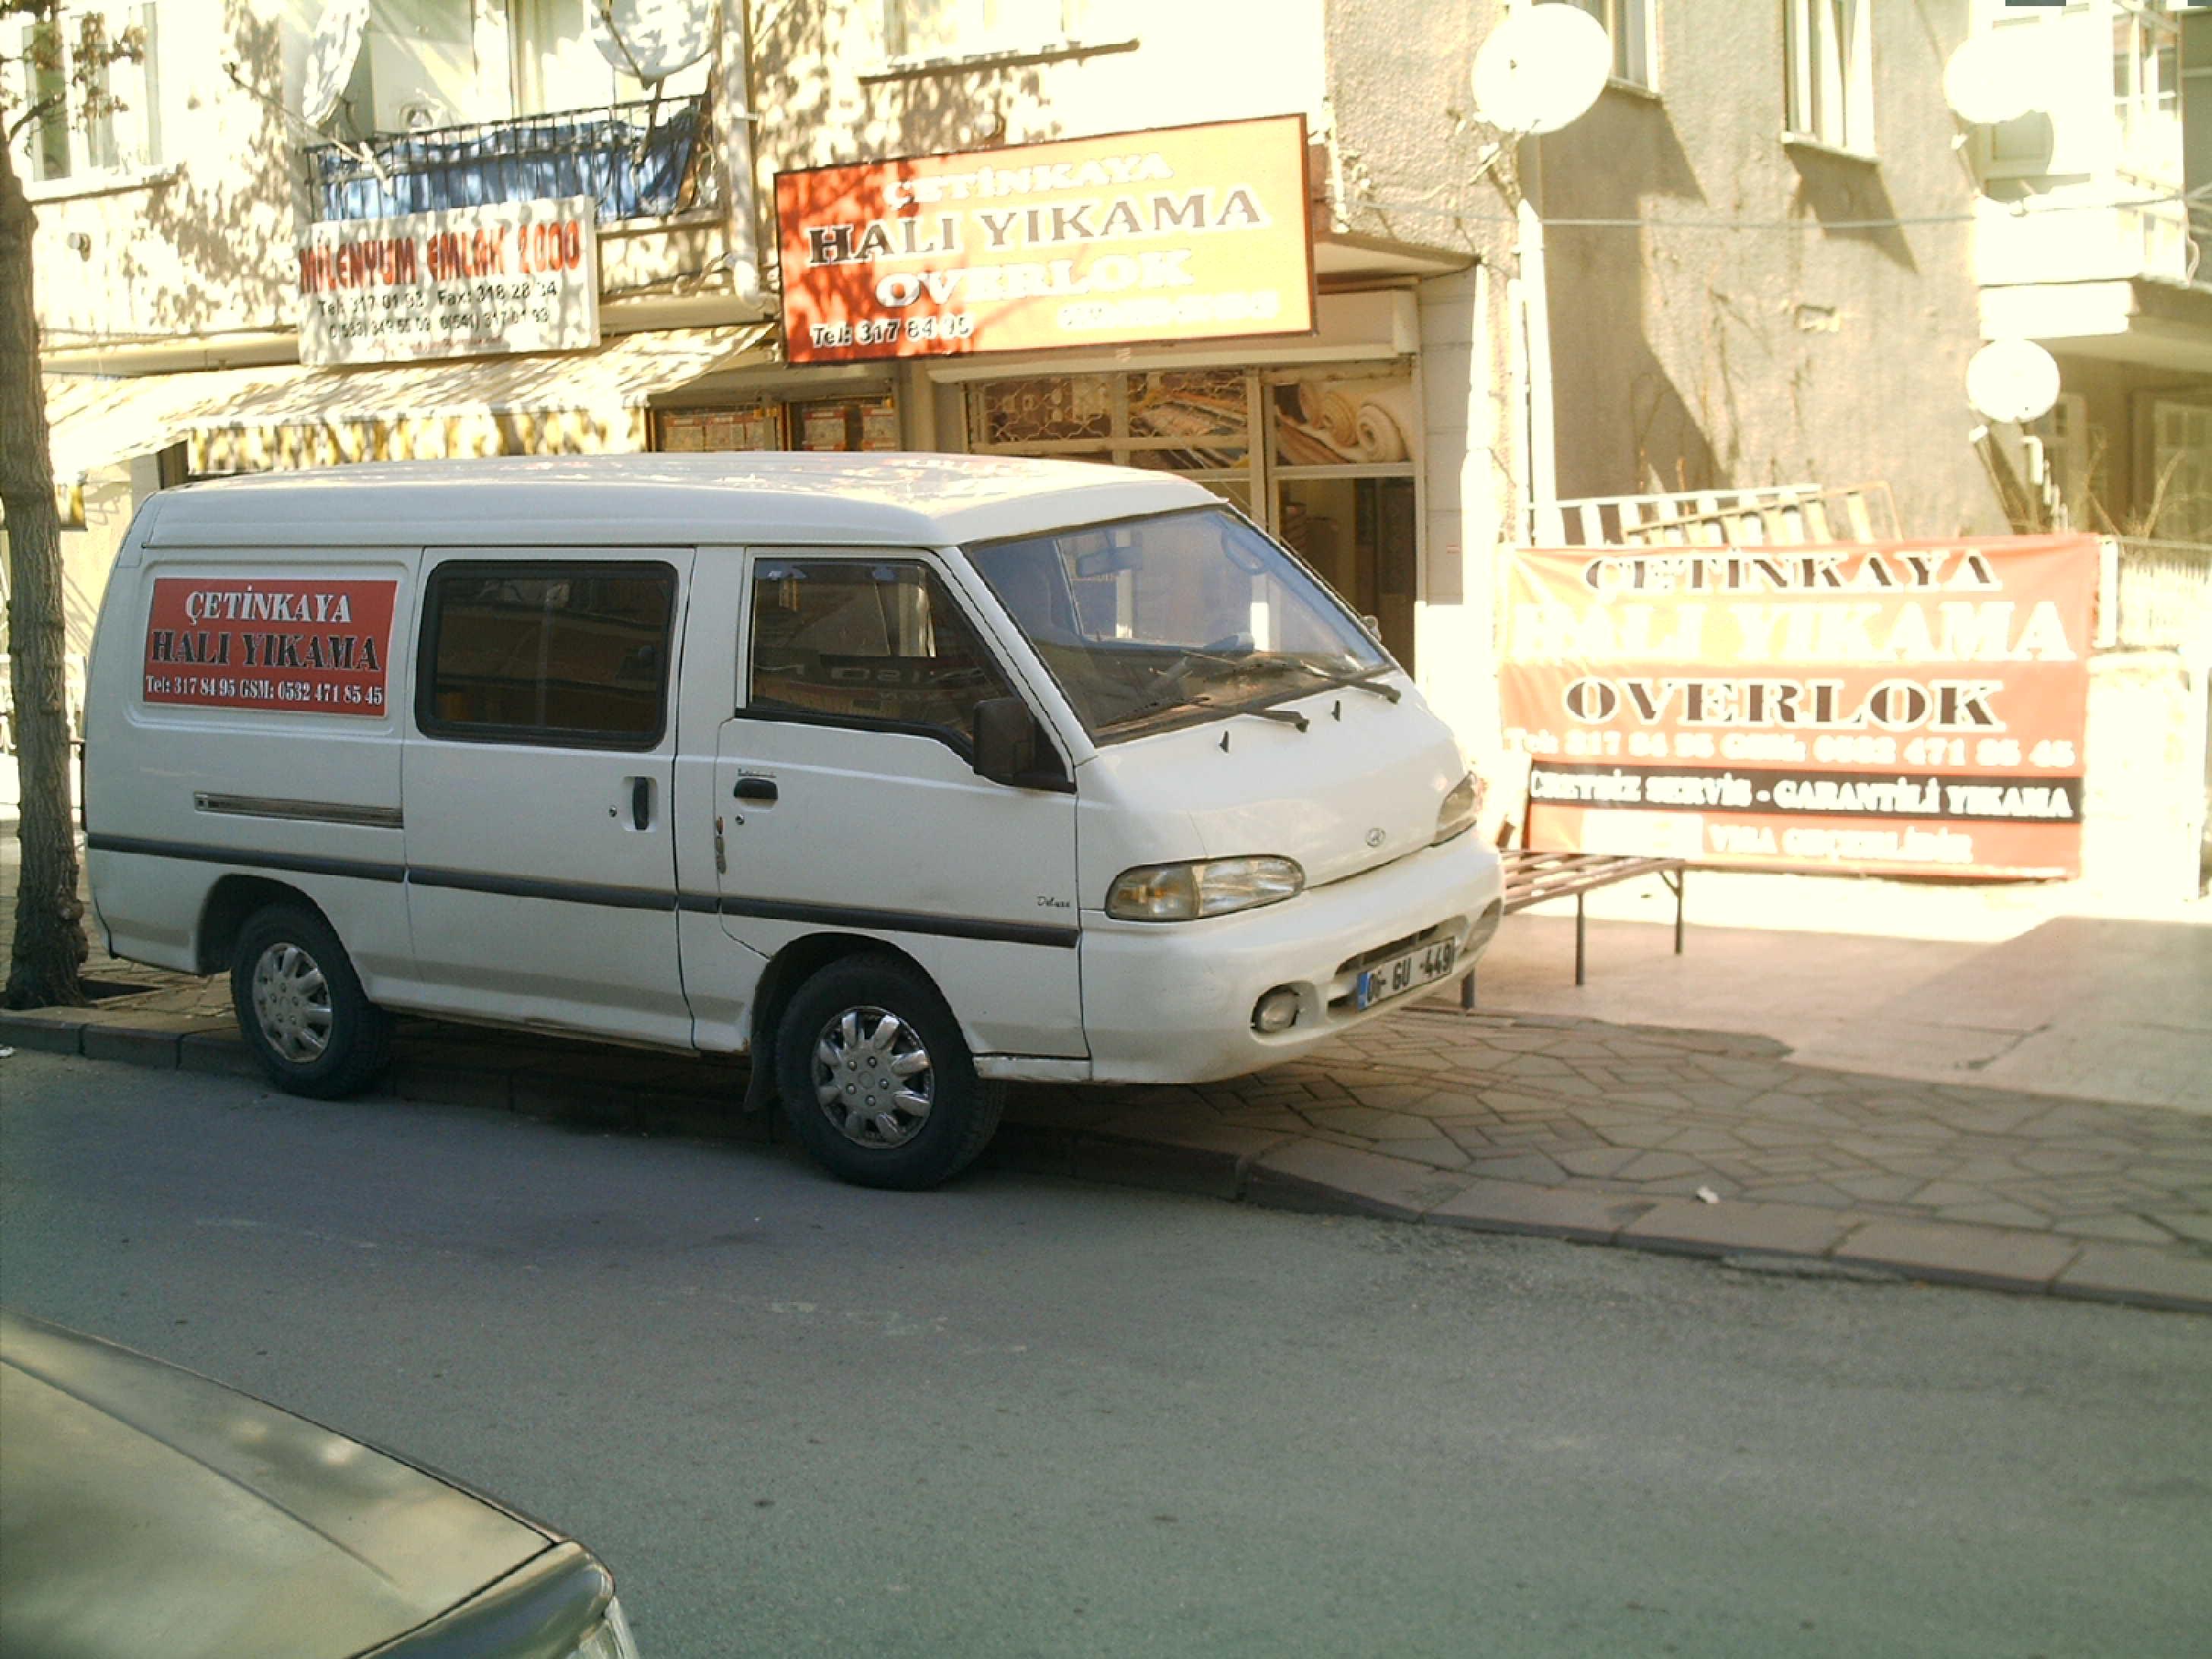 toki_hali_yikama_servis